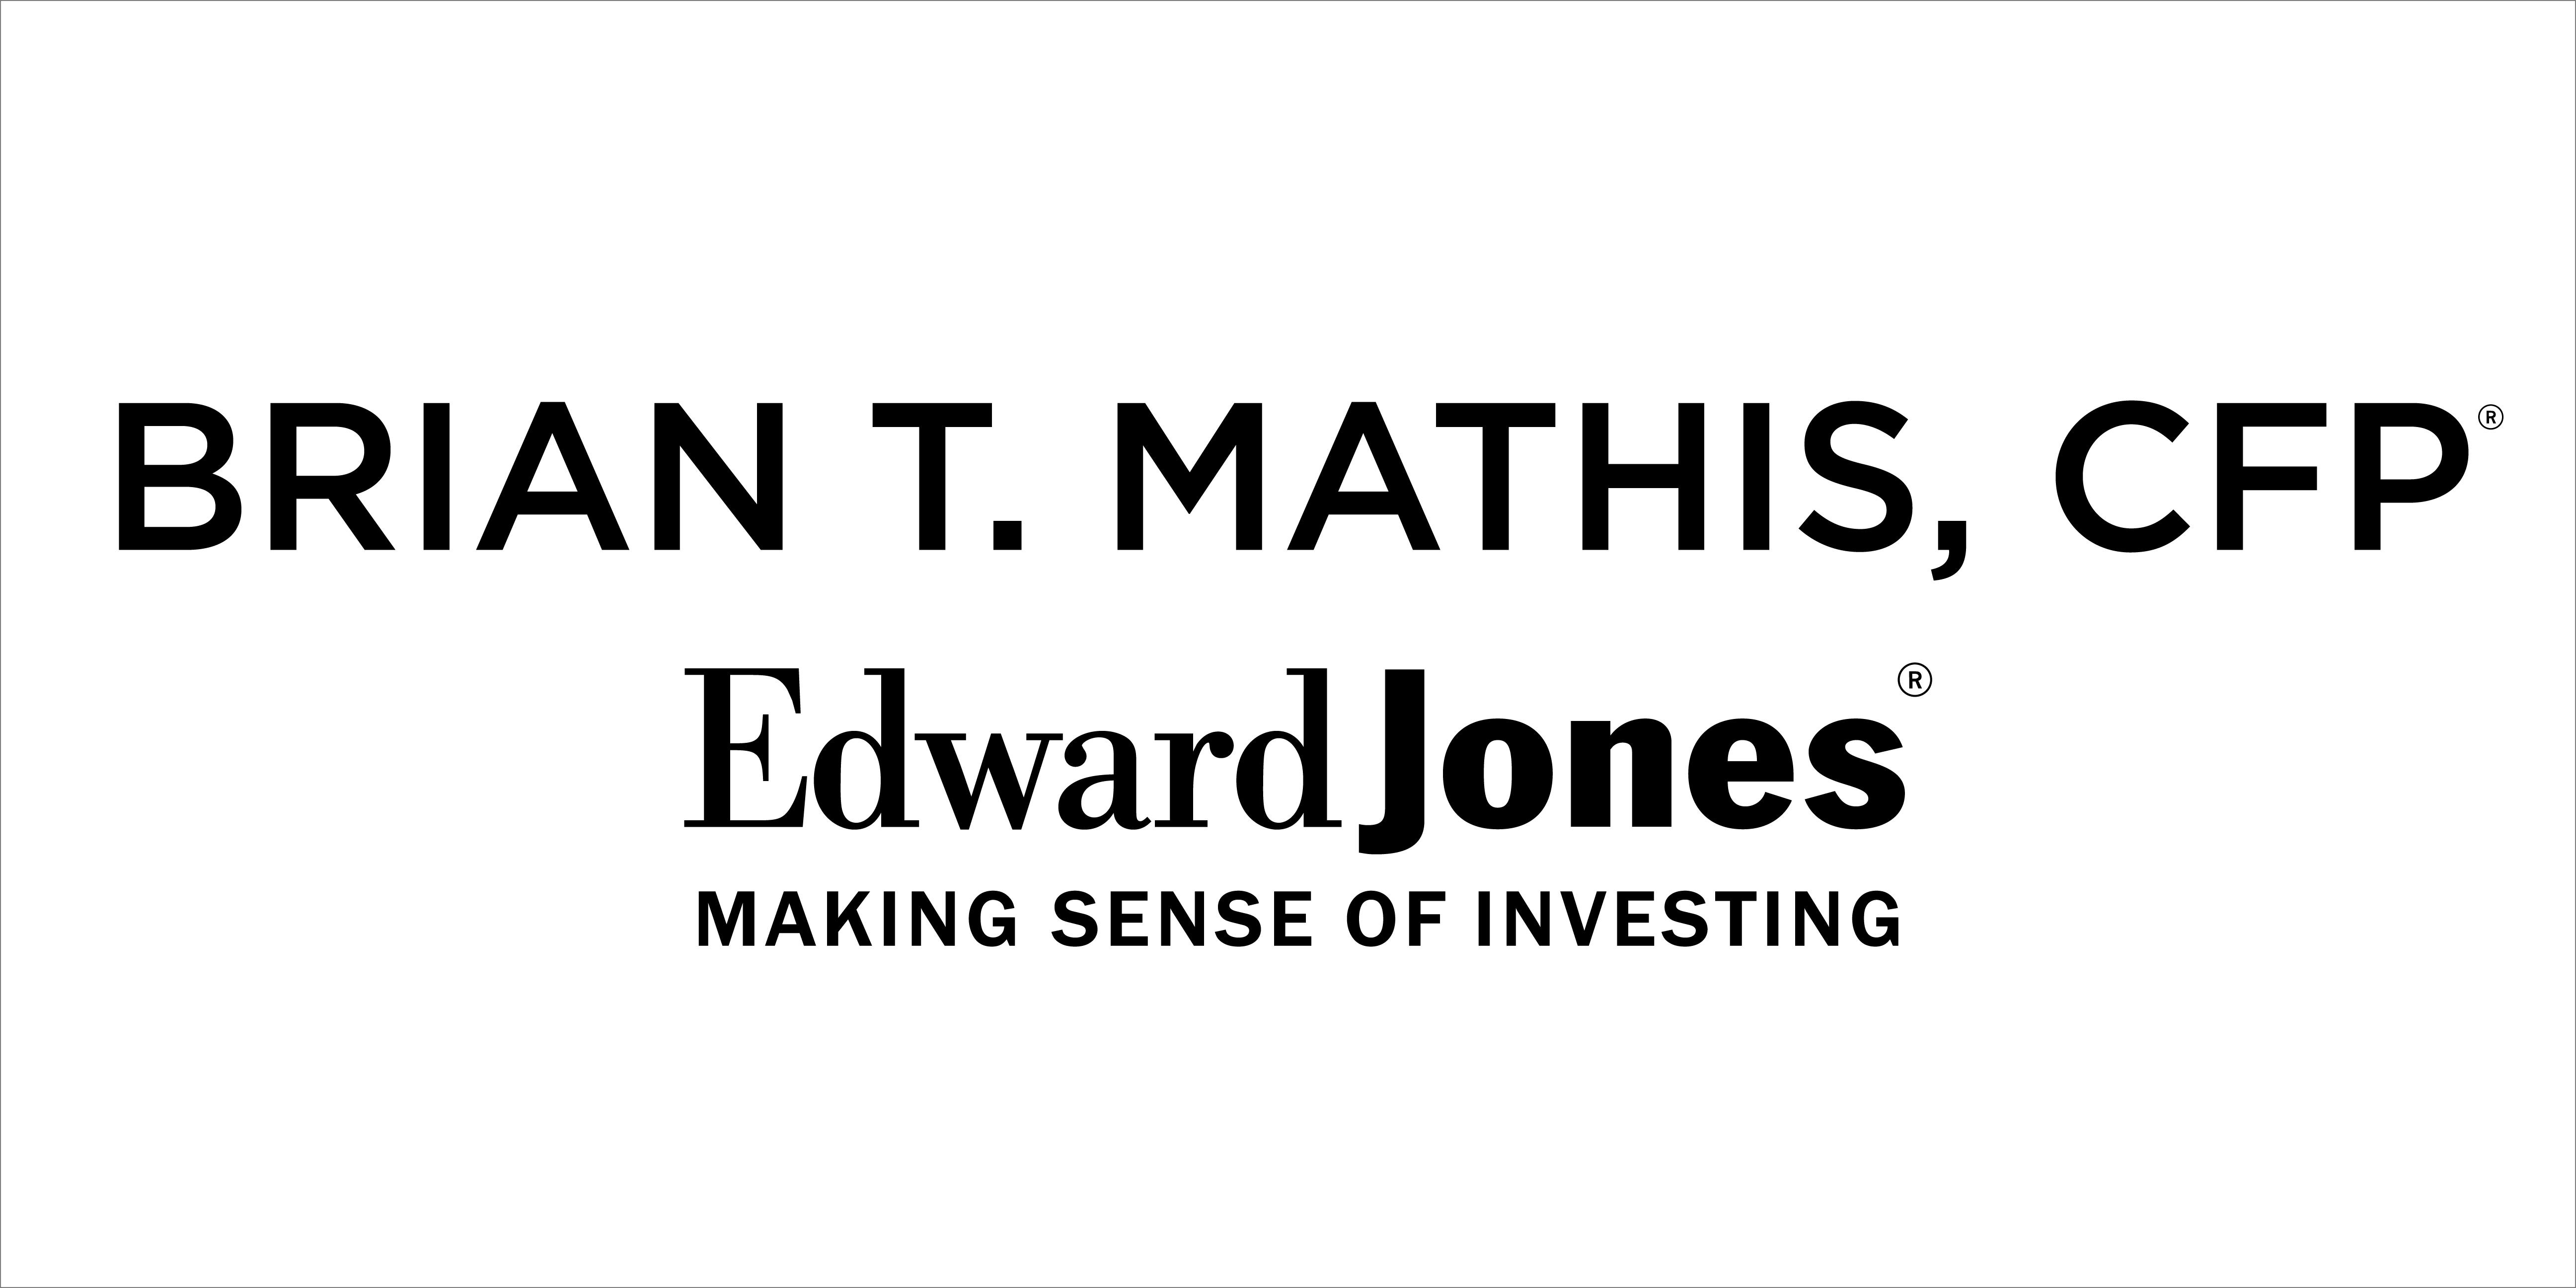 Sponsor Brian T. Mathis